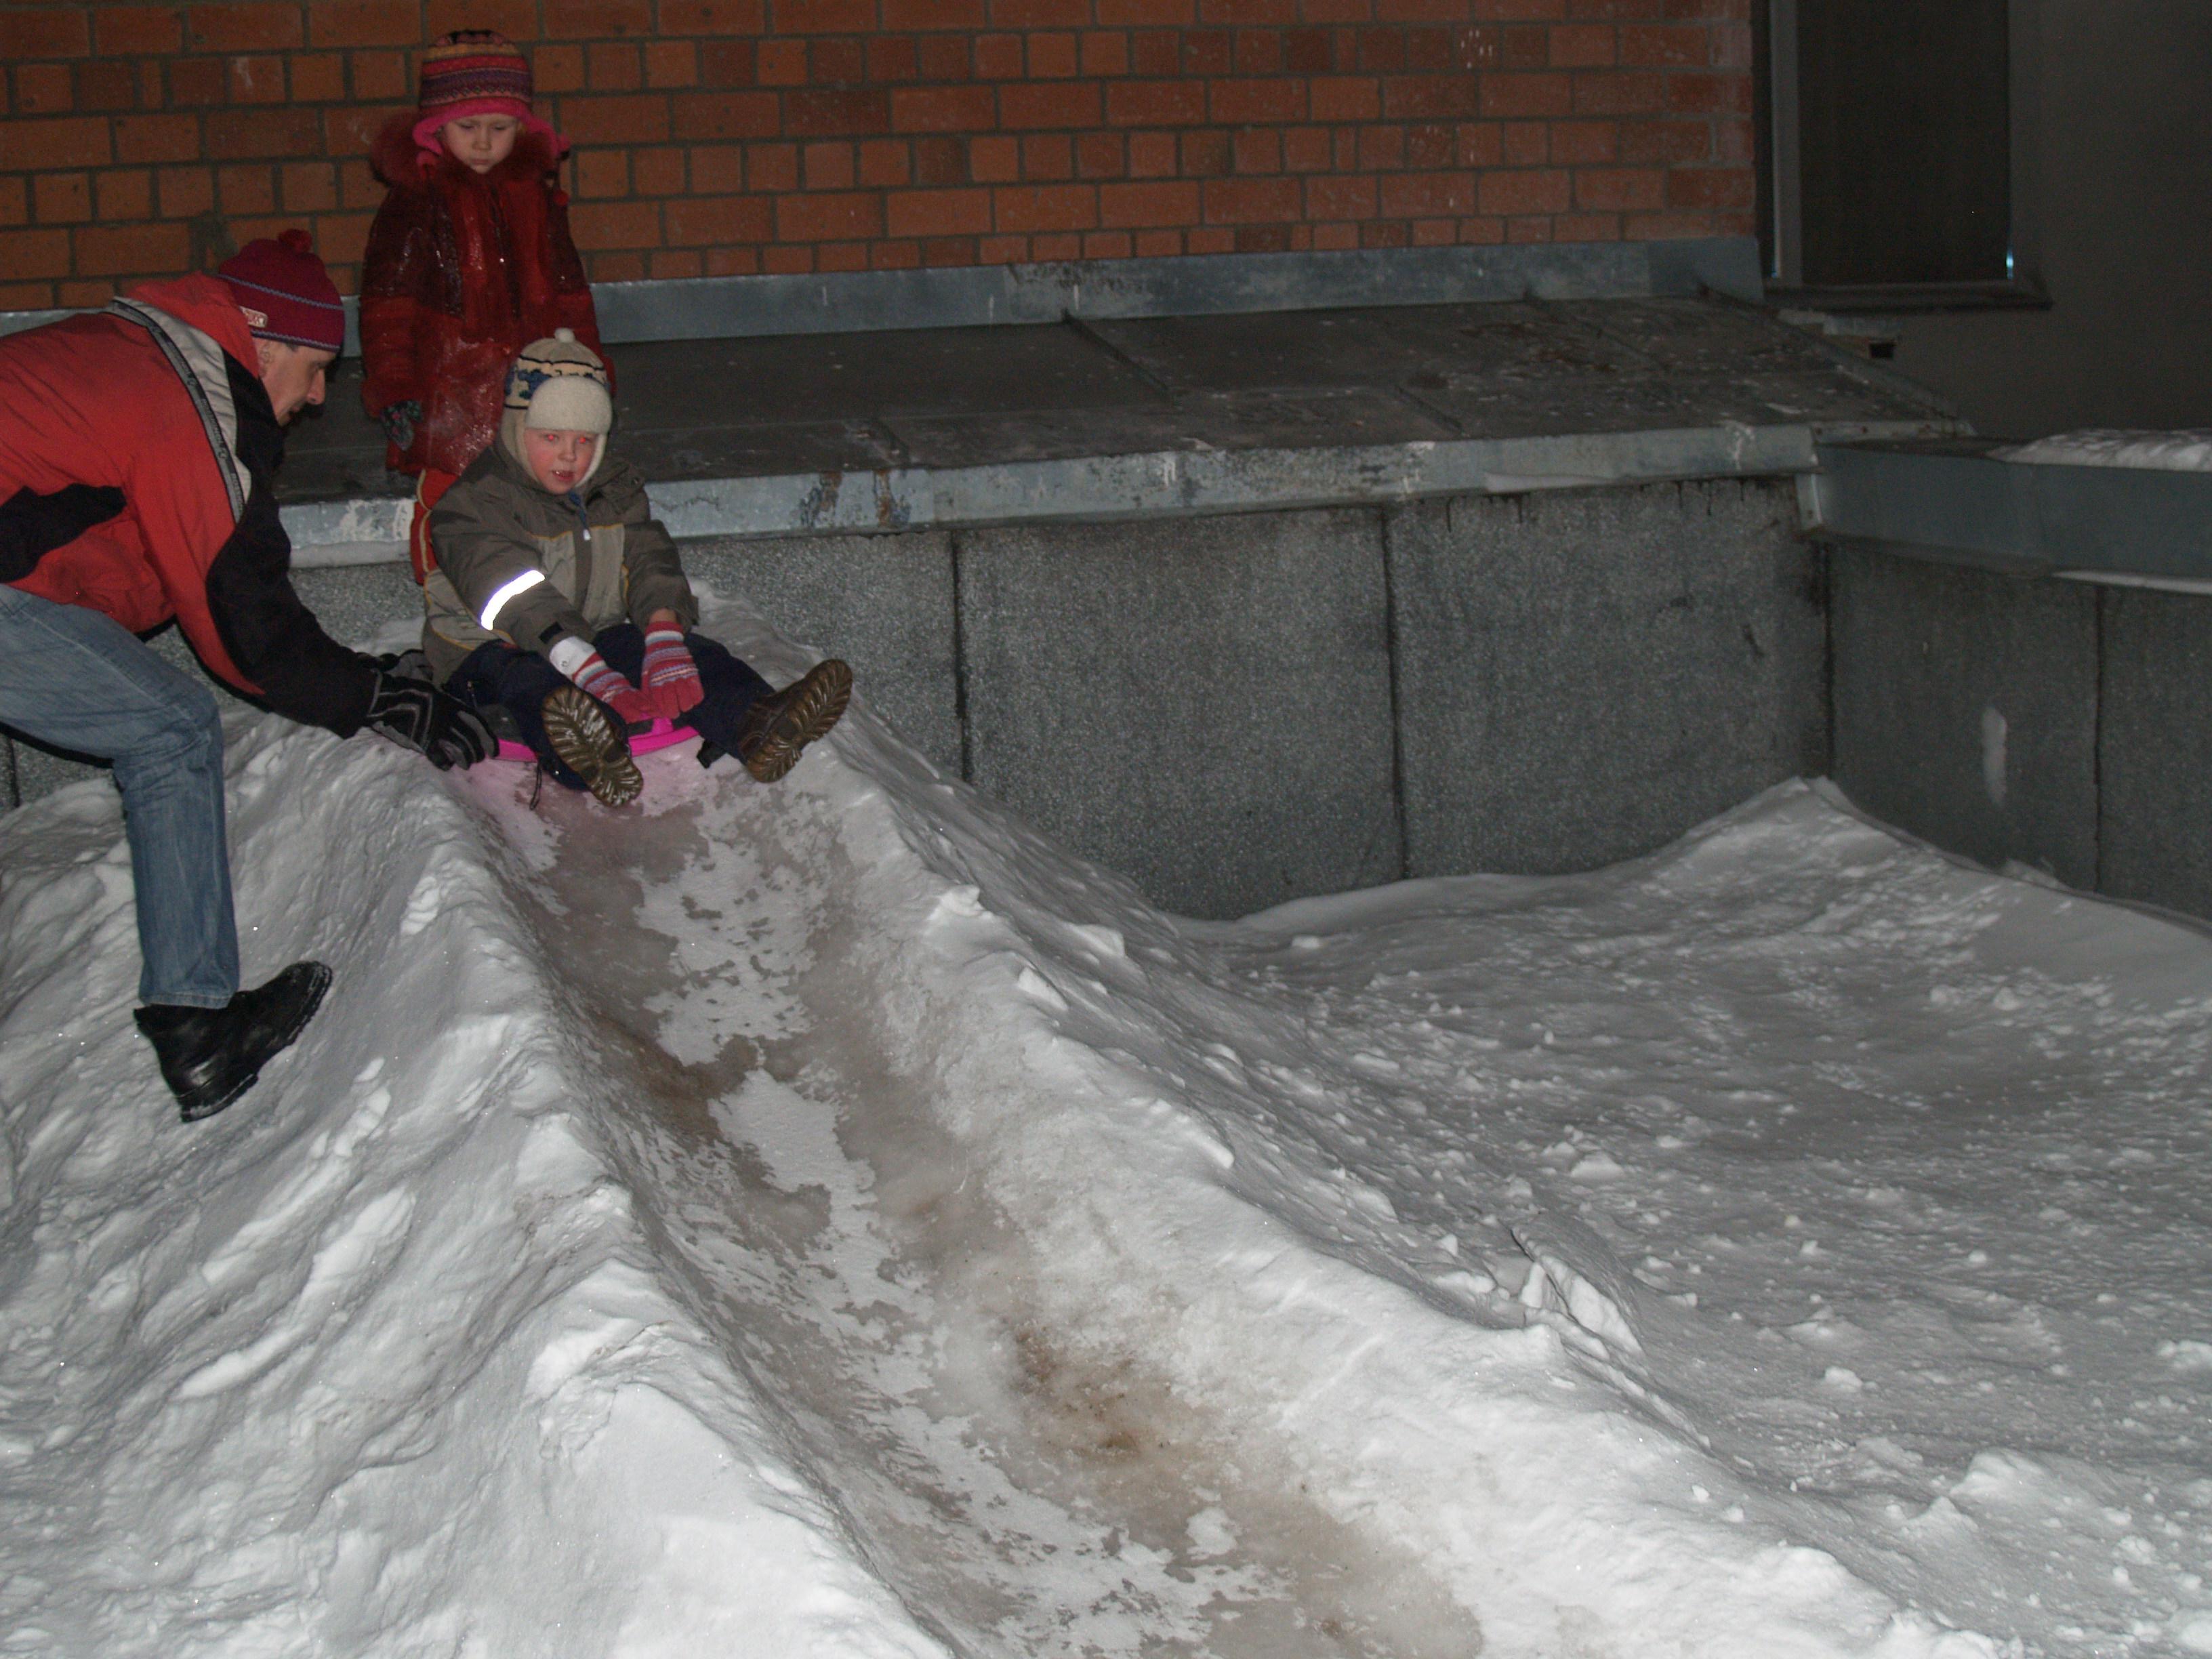 киеве делаем горку из снега фото рынка очень